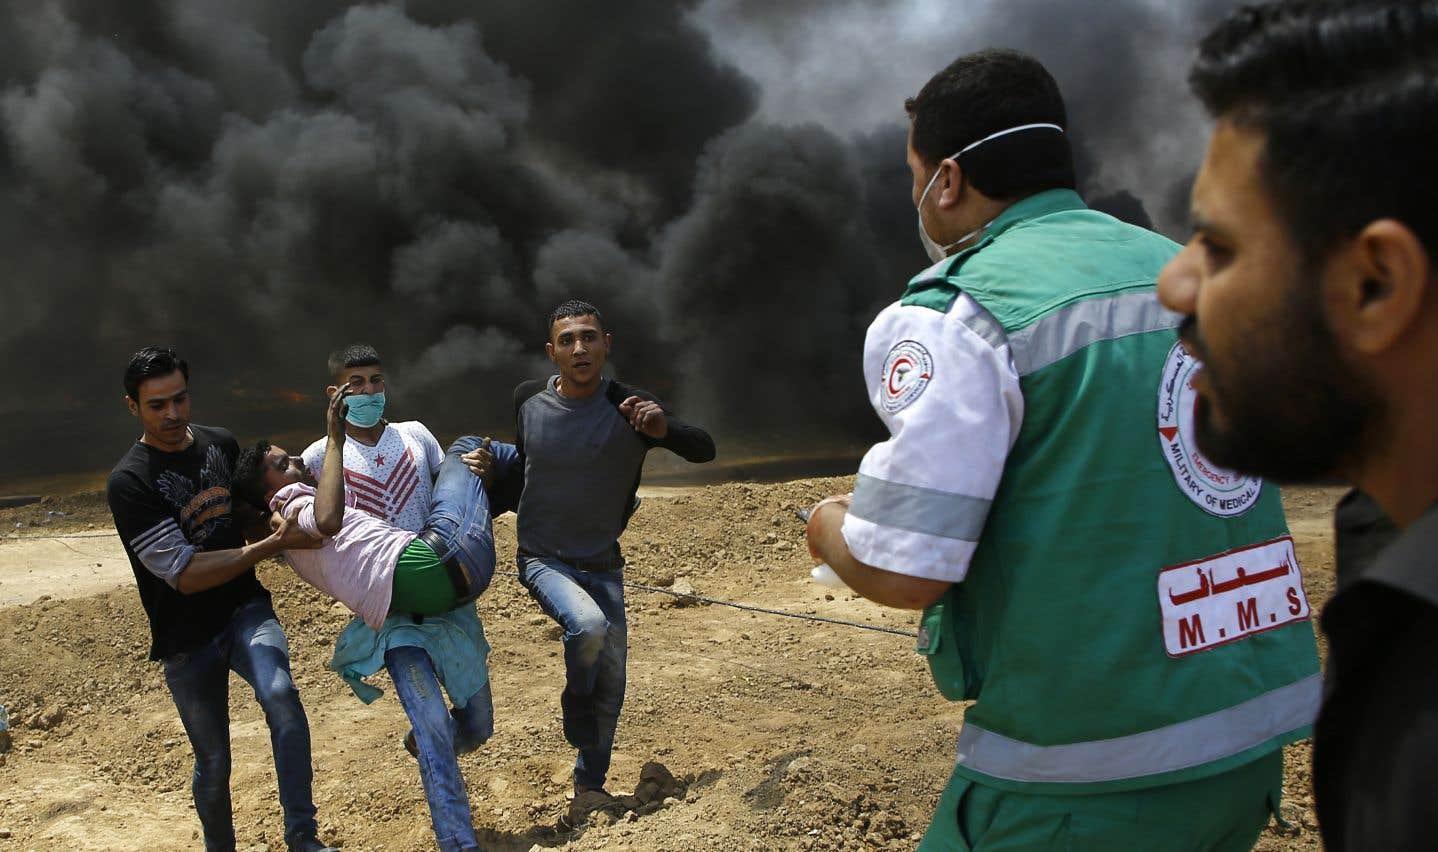 Cette journée de festivités côté israélien et américain est aussi la plus meurtrière du conflit israélo-palestinien depuis la guerre de 2014 dans la bande de Gaza.